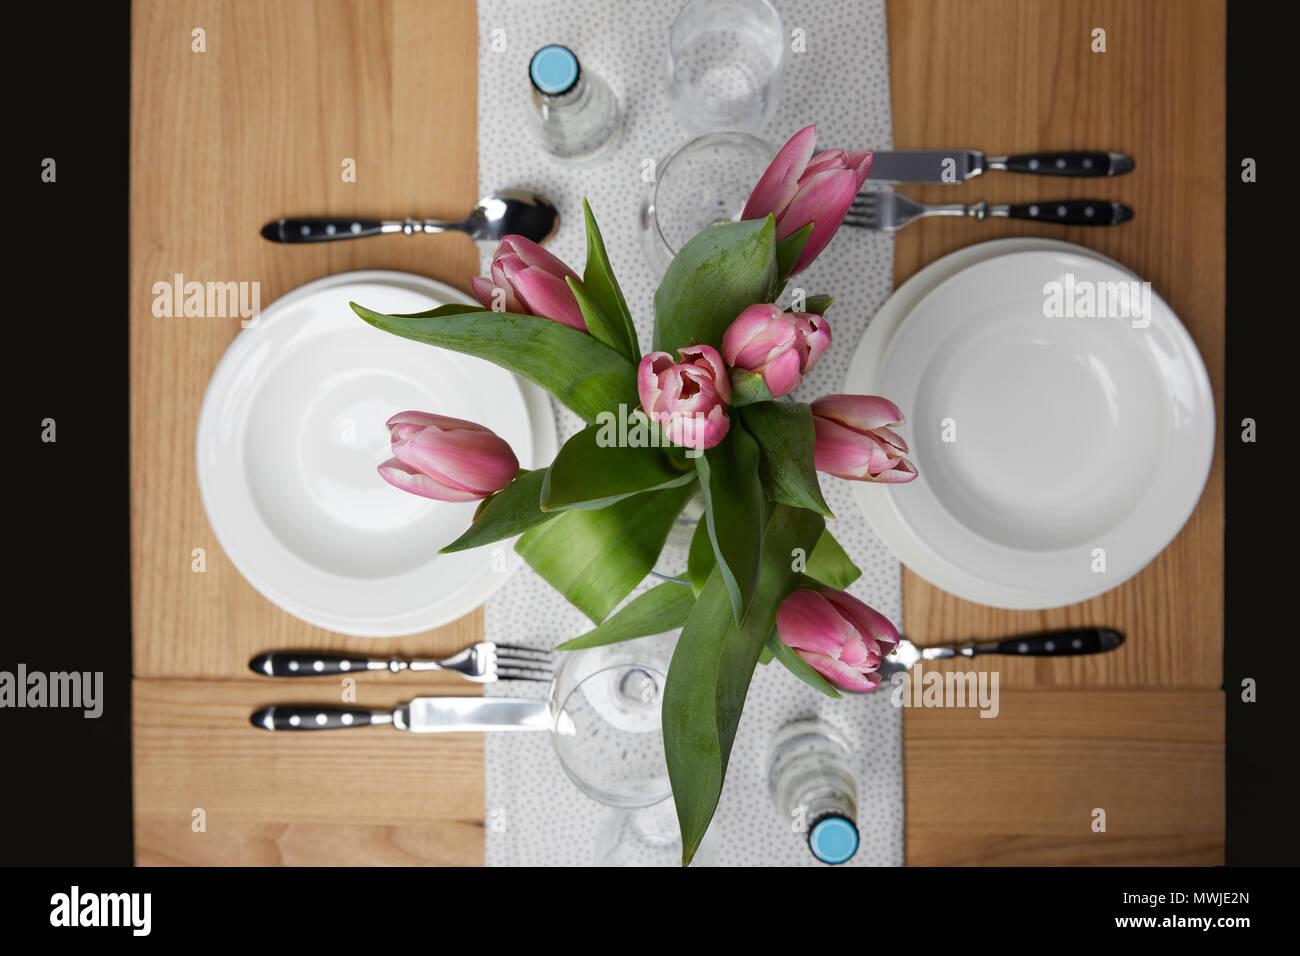 De la vaisselle avec des assiettes sur la table avec des fleurs dans un vase Banque D'Images